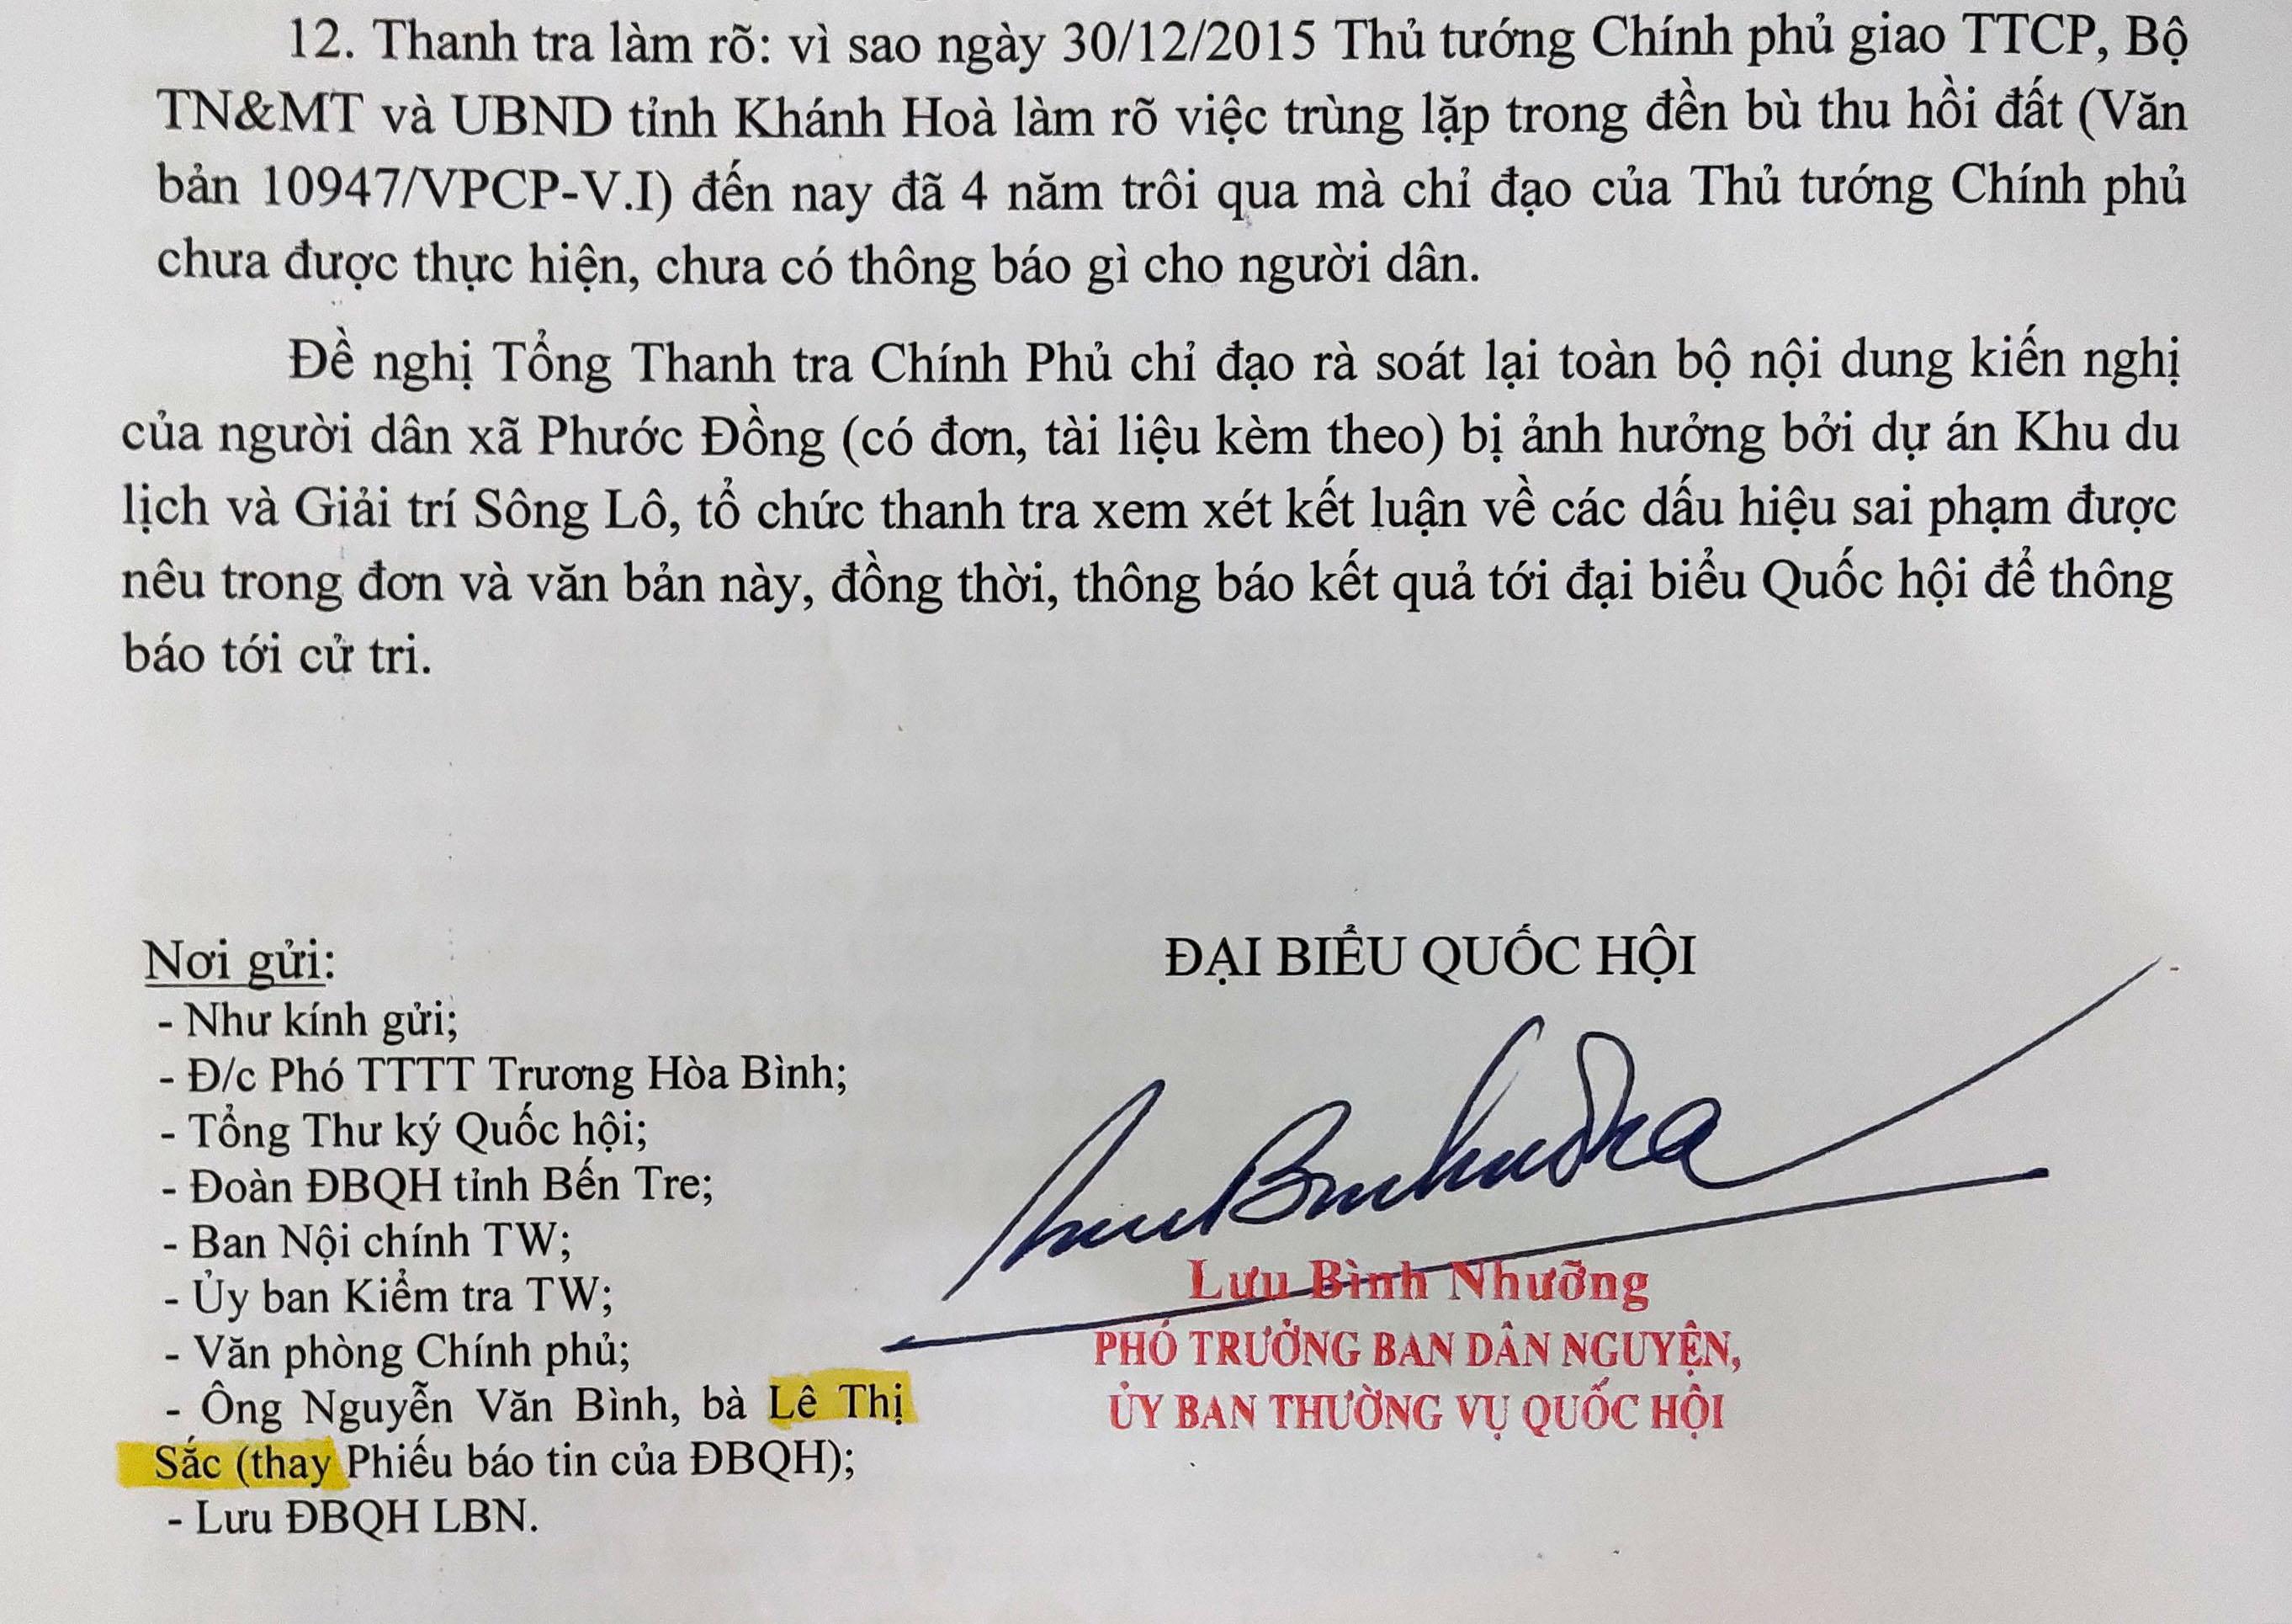 ĐBQH Lưu Bình Nhưỡng đề nghị Tổng Thanh tra Chính phủ làm rõ những sai phạm tại dự án Diamond Bay Nha Trang - Ảnh 3.